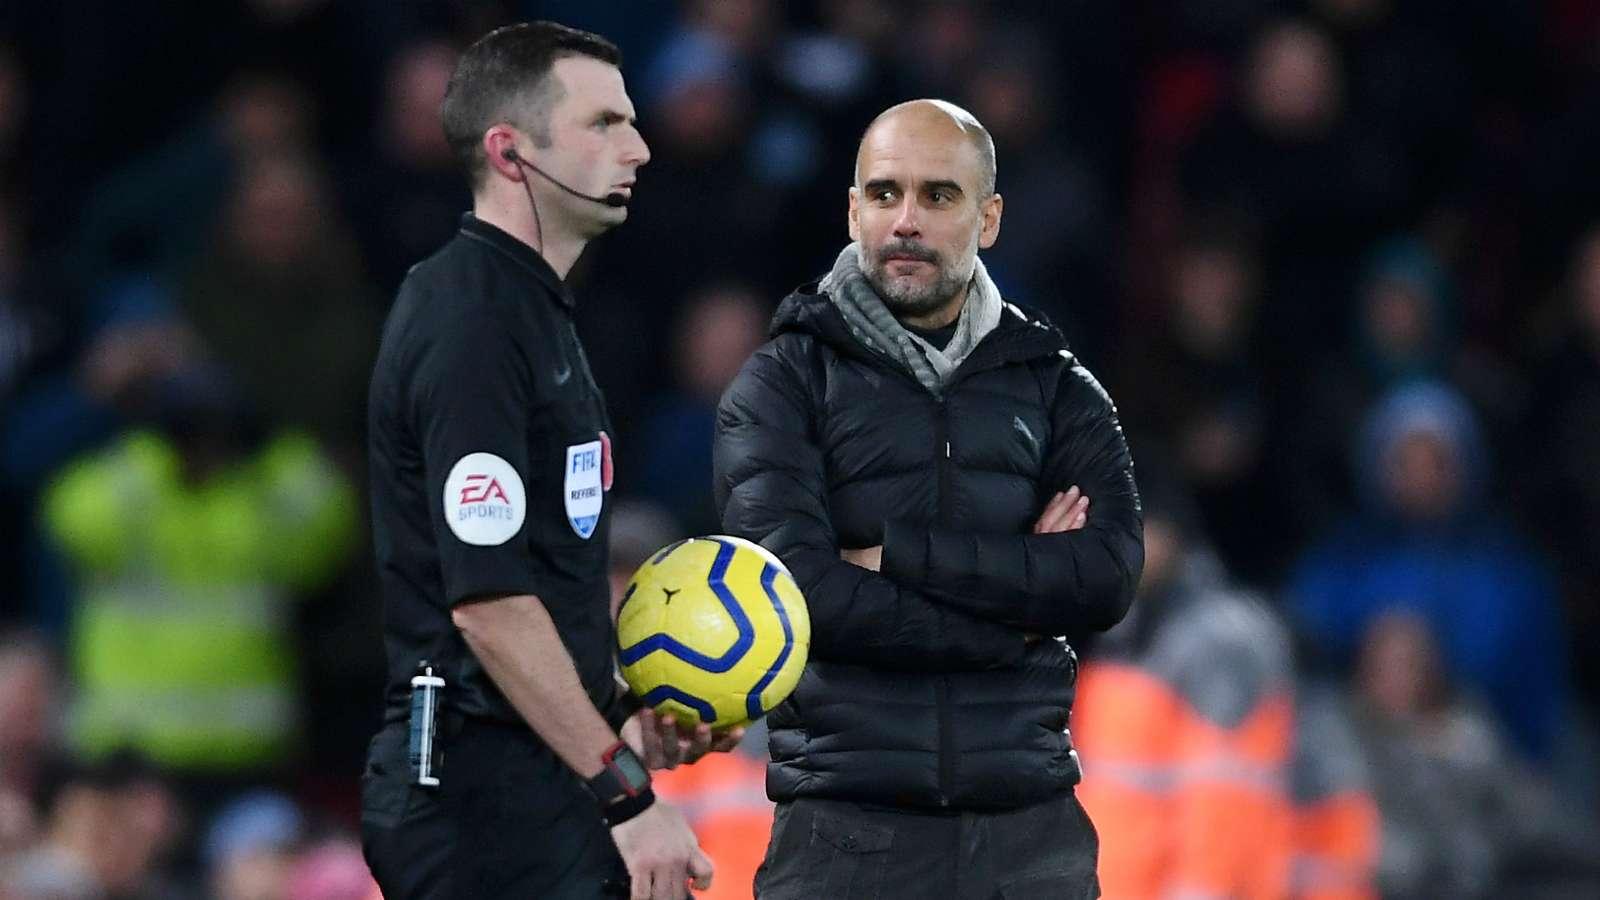 Bóng chạm tay Alexander-Arnold, bàn thắng của Fabinho vẫn hợp lệ? - Bóng Đá